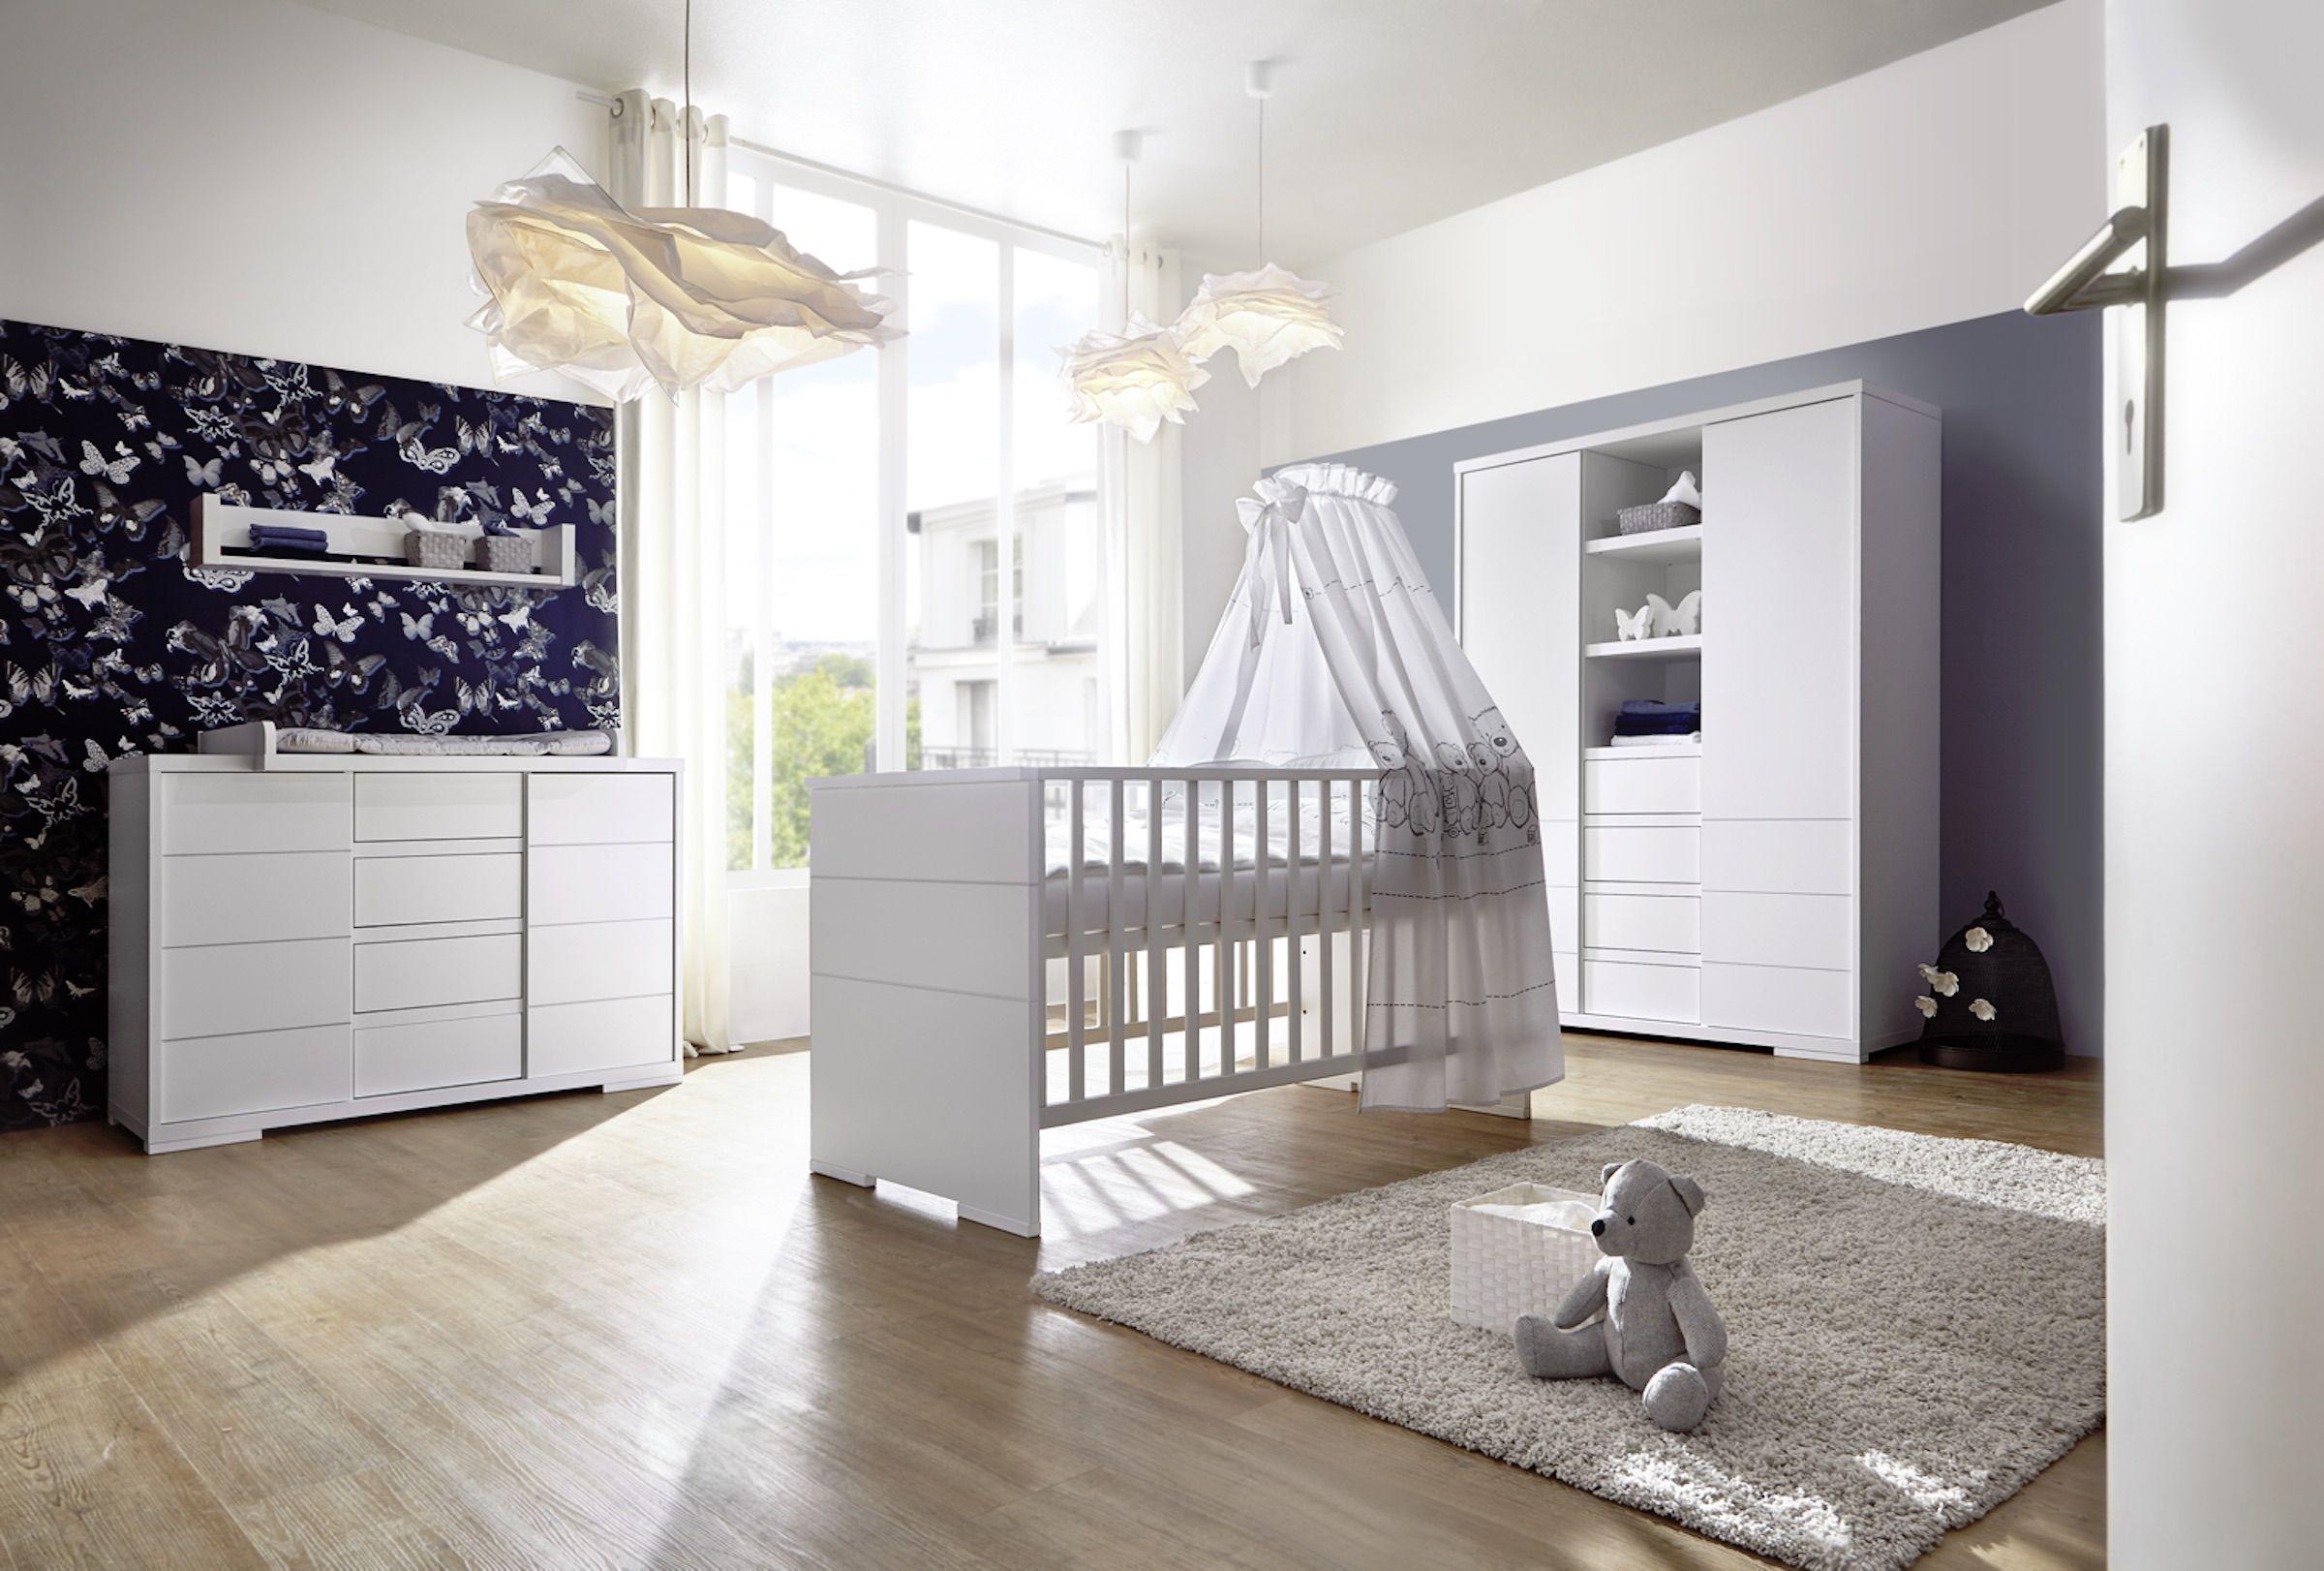 Maxx White Kinderzimmer von Schardt Kinder zimmer